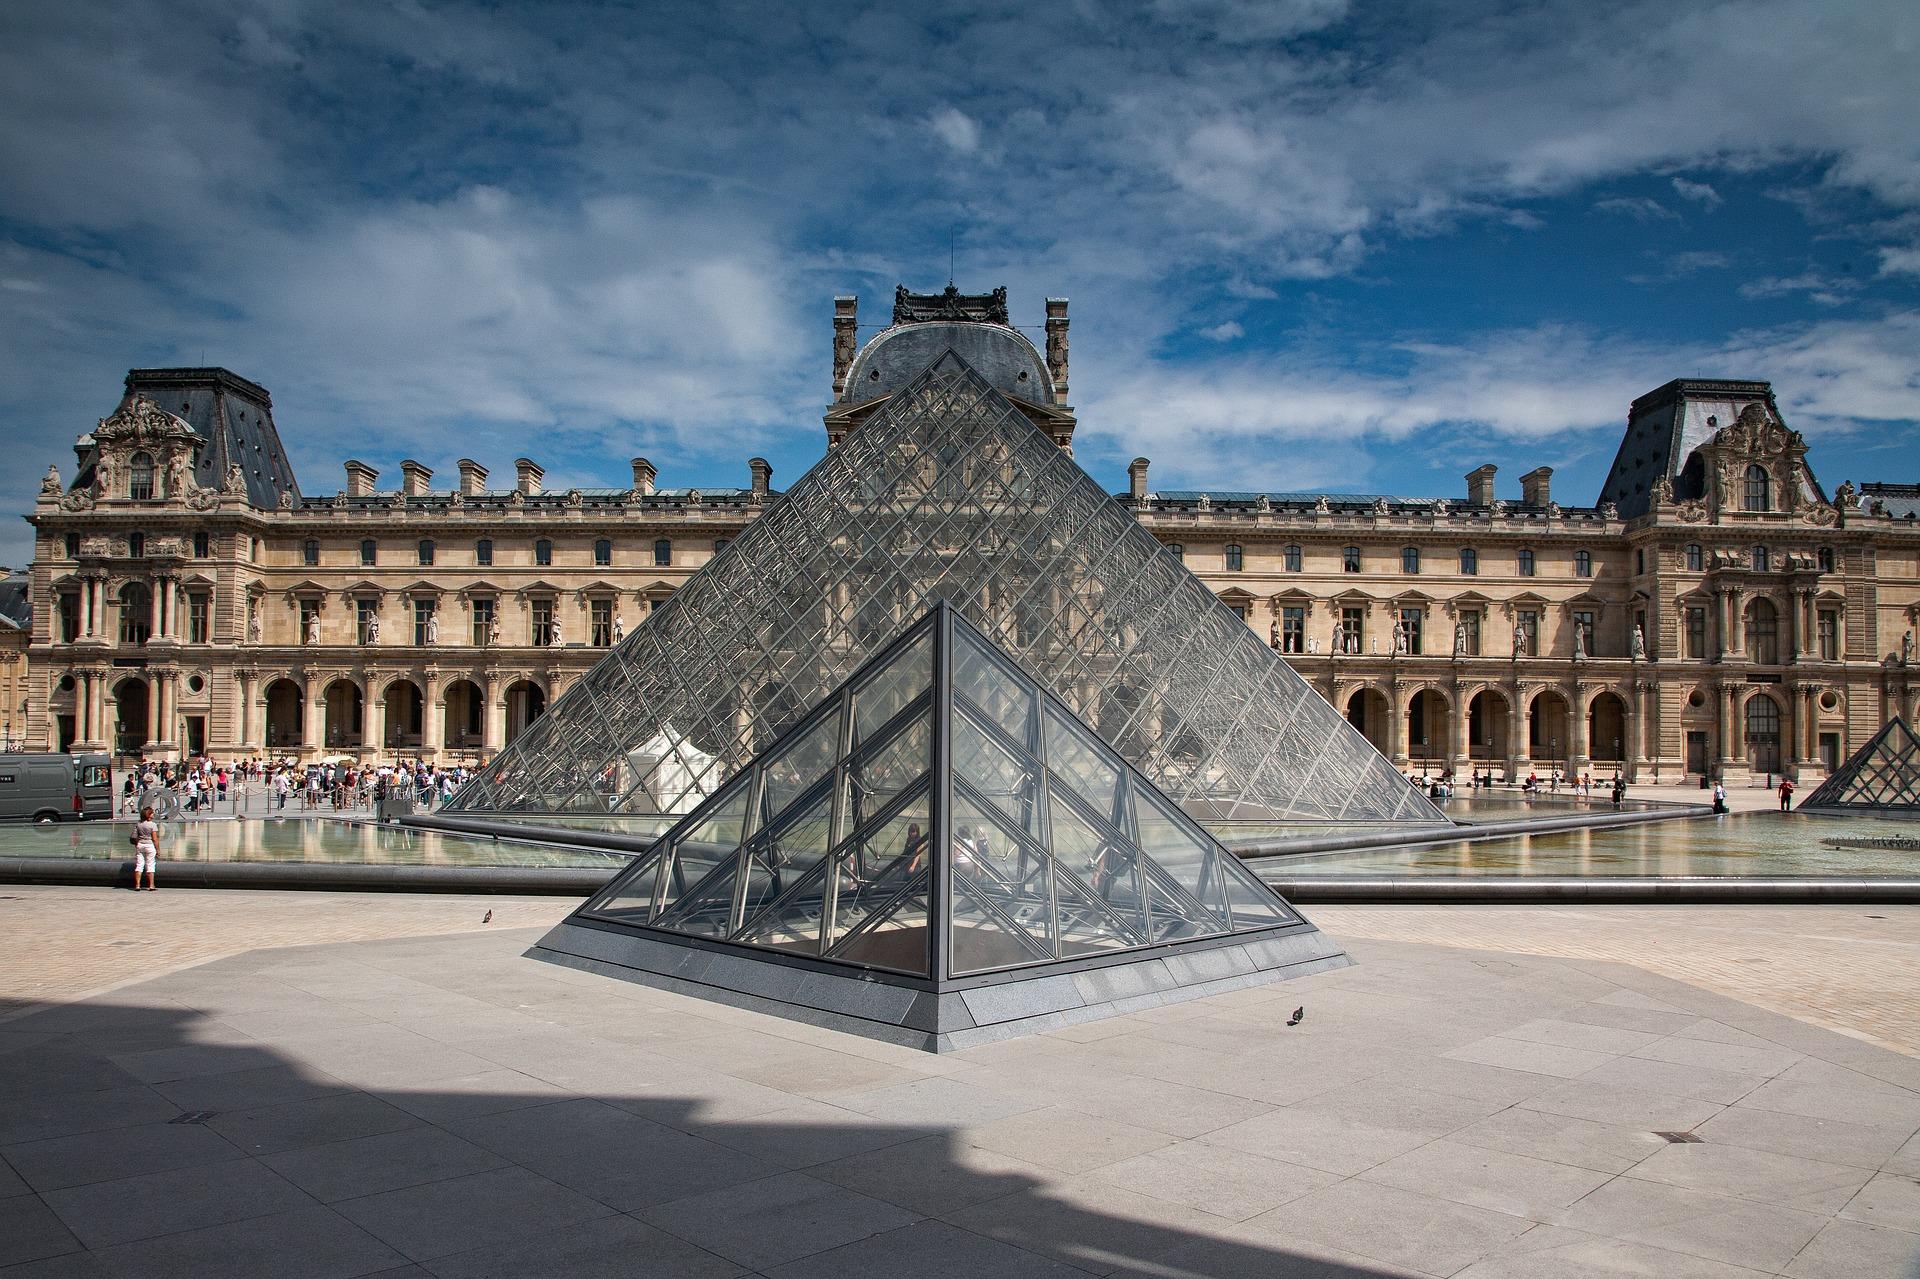 Tagesreise in Paris - auf ein Französisches Frühstück & Dinner in die Landeshauptstadt von Frankreich fahren